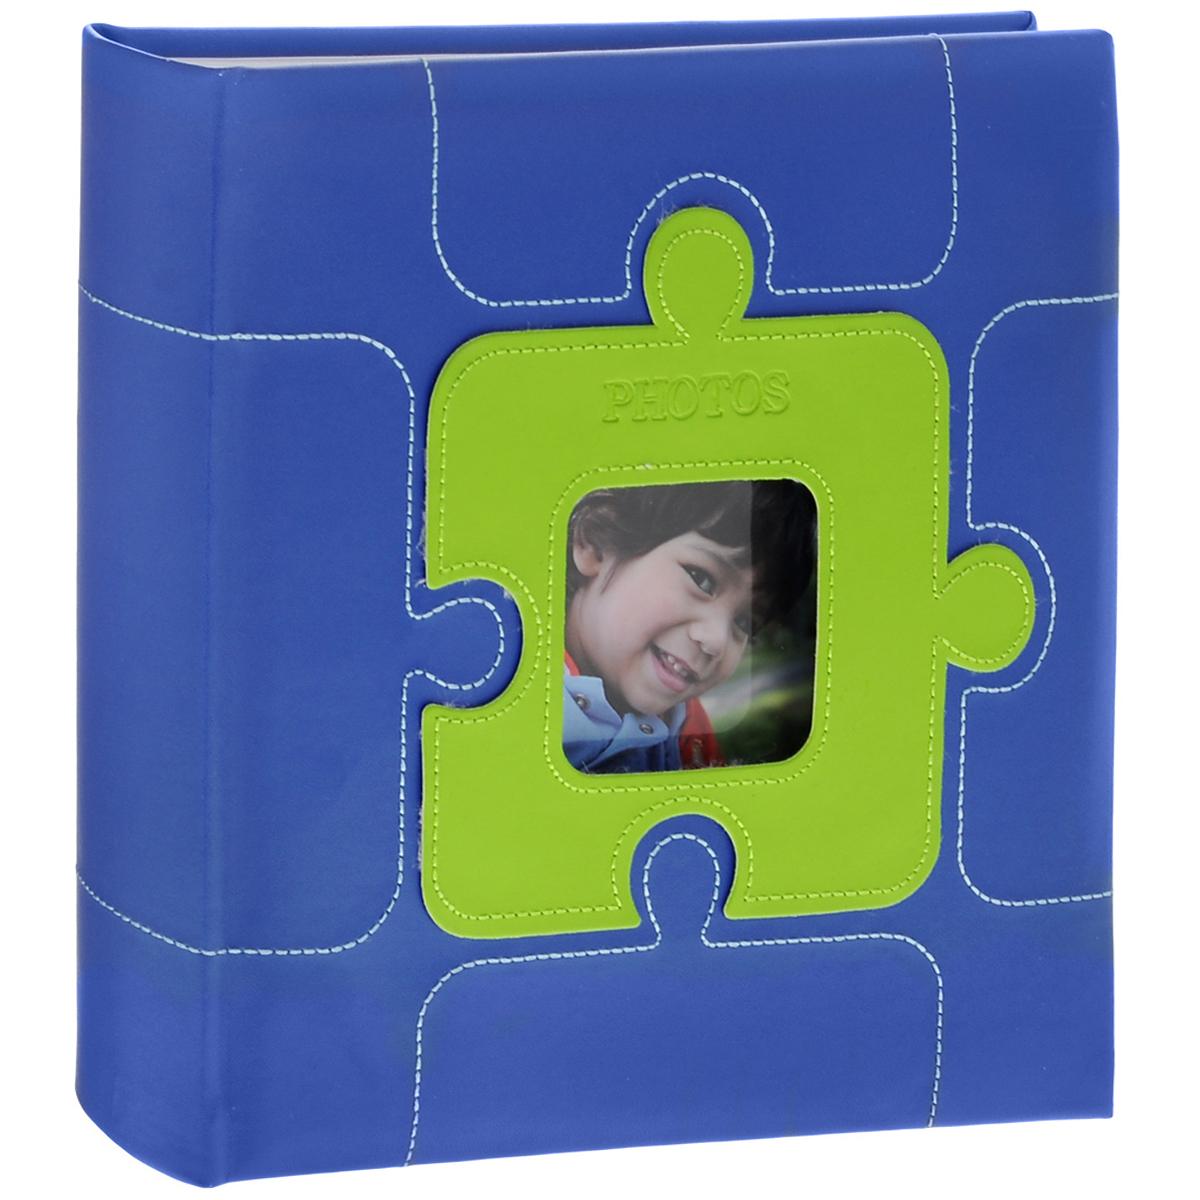 Фотоальбом Image Art, цвет: синий, 200 фотографий, 10 х 15 см5055283030591Фотоальбом Image Art поможет красиво оформить ваши самые интересные фотографии. Обложка выполнена из толстого картона, обтянутого искусственной кожей. С лицевой стороны обложки имеется квадратное окошко для вашей самой любимой фотографии. Внутри содержится блок из 50 двусторонних листов с фиксаторами-окошками из полипропилена. Альбом рассчитан на 200 фотографий формата 10 см х 15 см. Для фотографий предусмотрено поле для записей. Переплет - книжный. Всегда так приятно вспоминать о самых счастливых моментах жизни, запечатленных на фотографиях. Поэтому фотоальбом является универсальным подарком к любому празднику. Количество листов: 50. Размер фотографии: 10 см х 15 см. Размер фотоальбома: 22 см х 22 см.